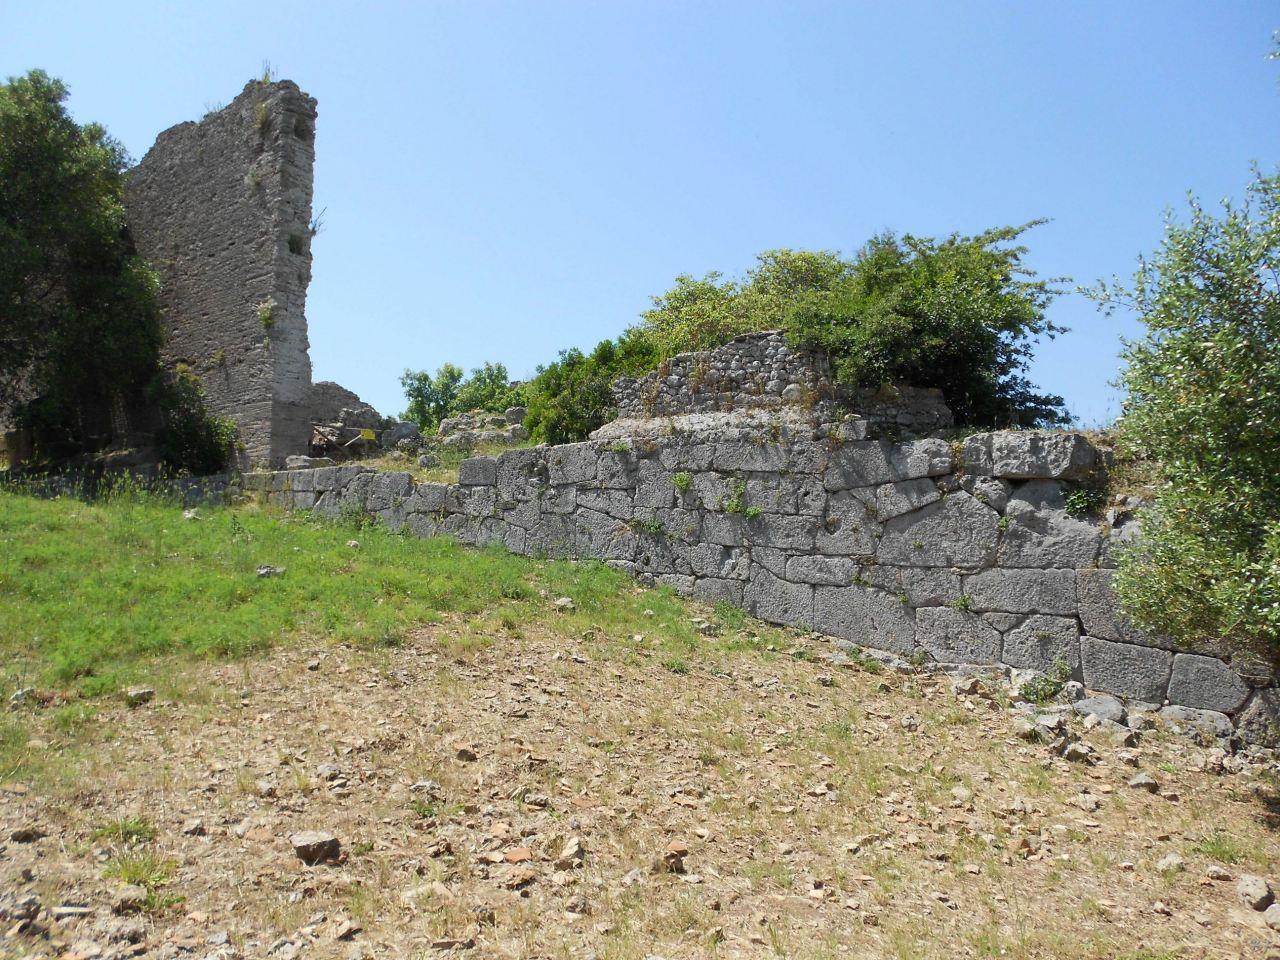 Cosa-Mura-Megalitiche-Ansedonia-Grosseto-Toscana-Italia-38